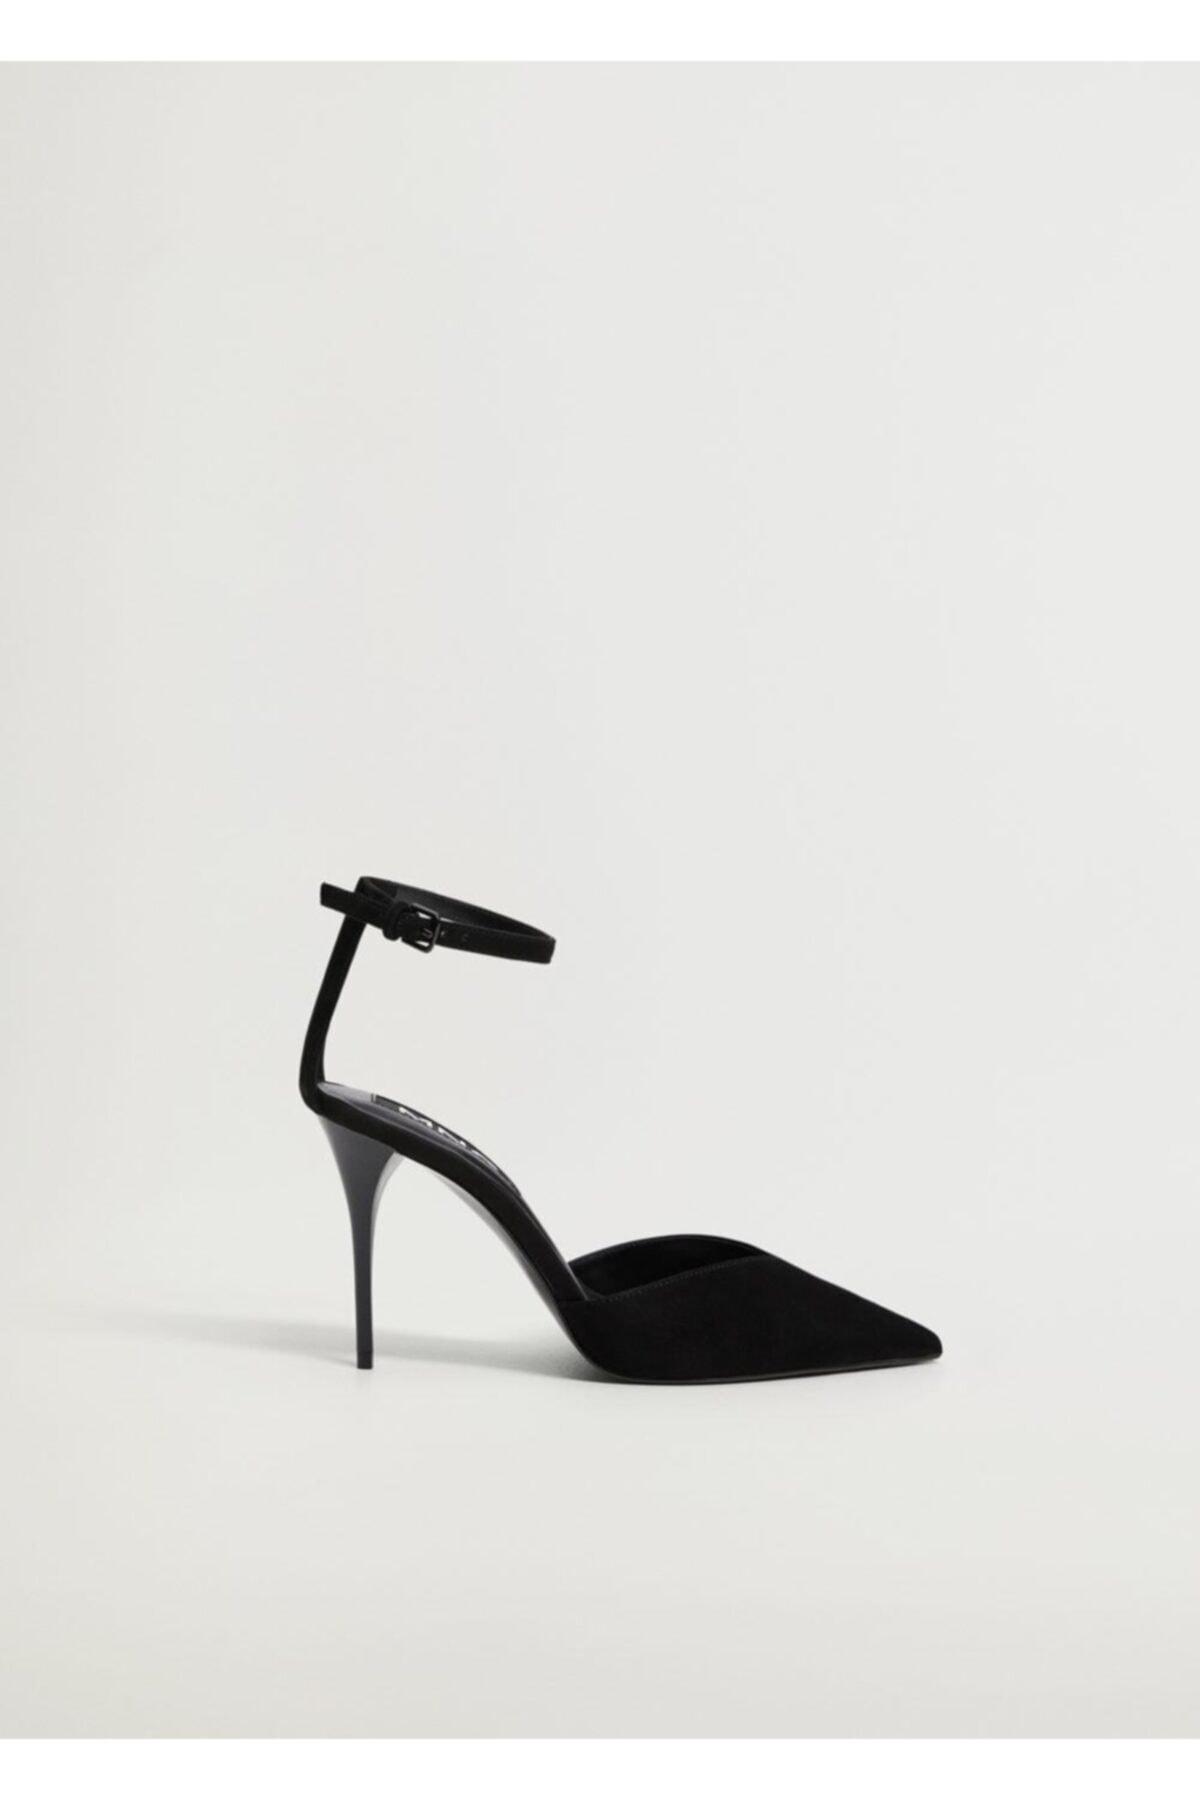 MANGO Woman Kadın Siyah Topuklu Deri Ayakkabı 1